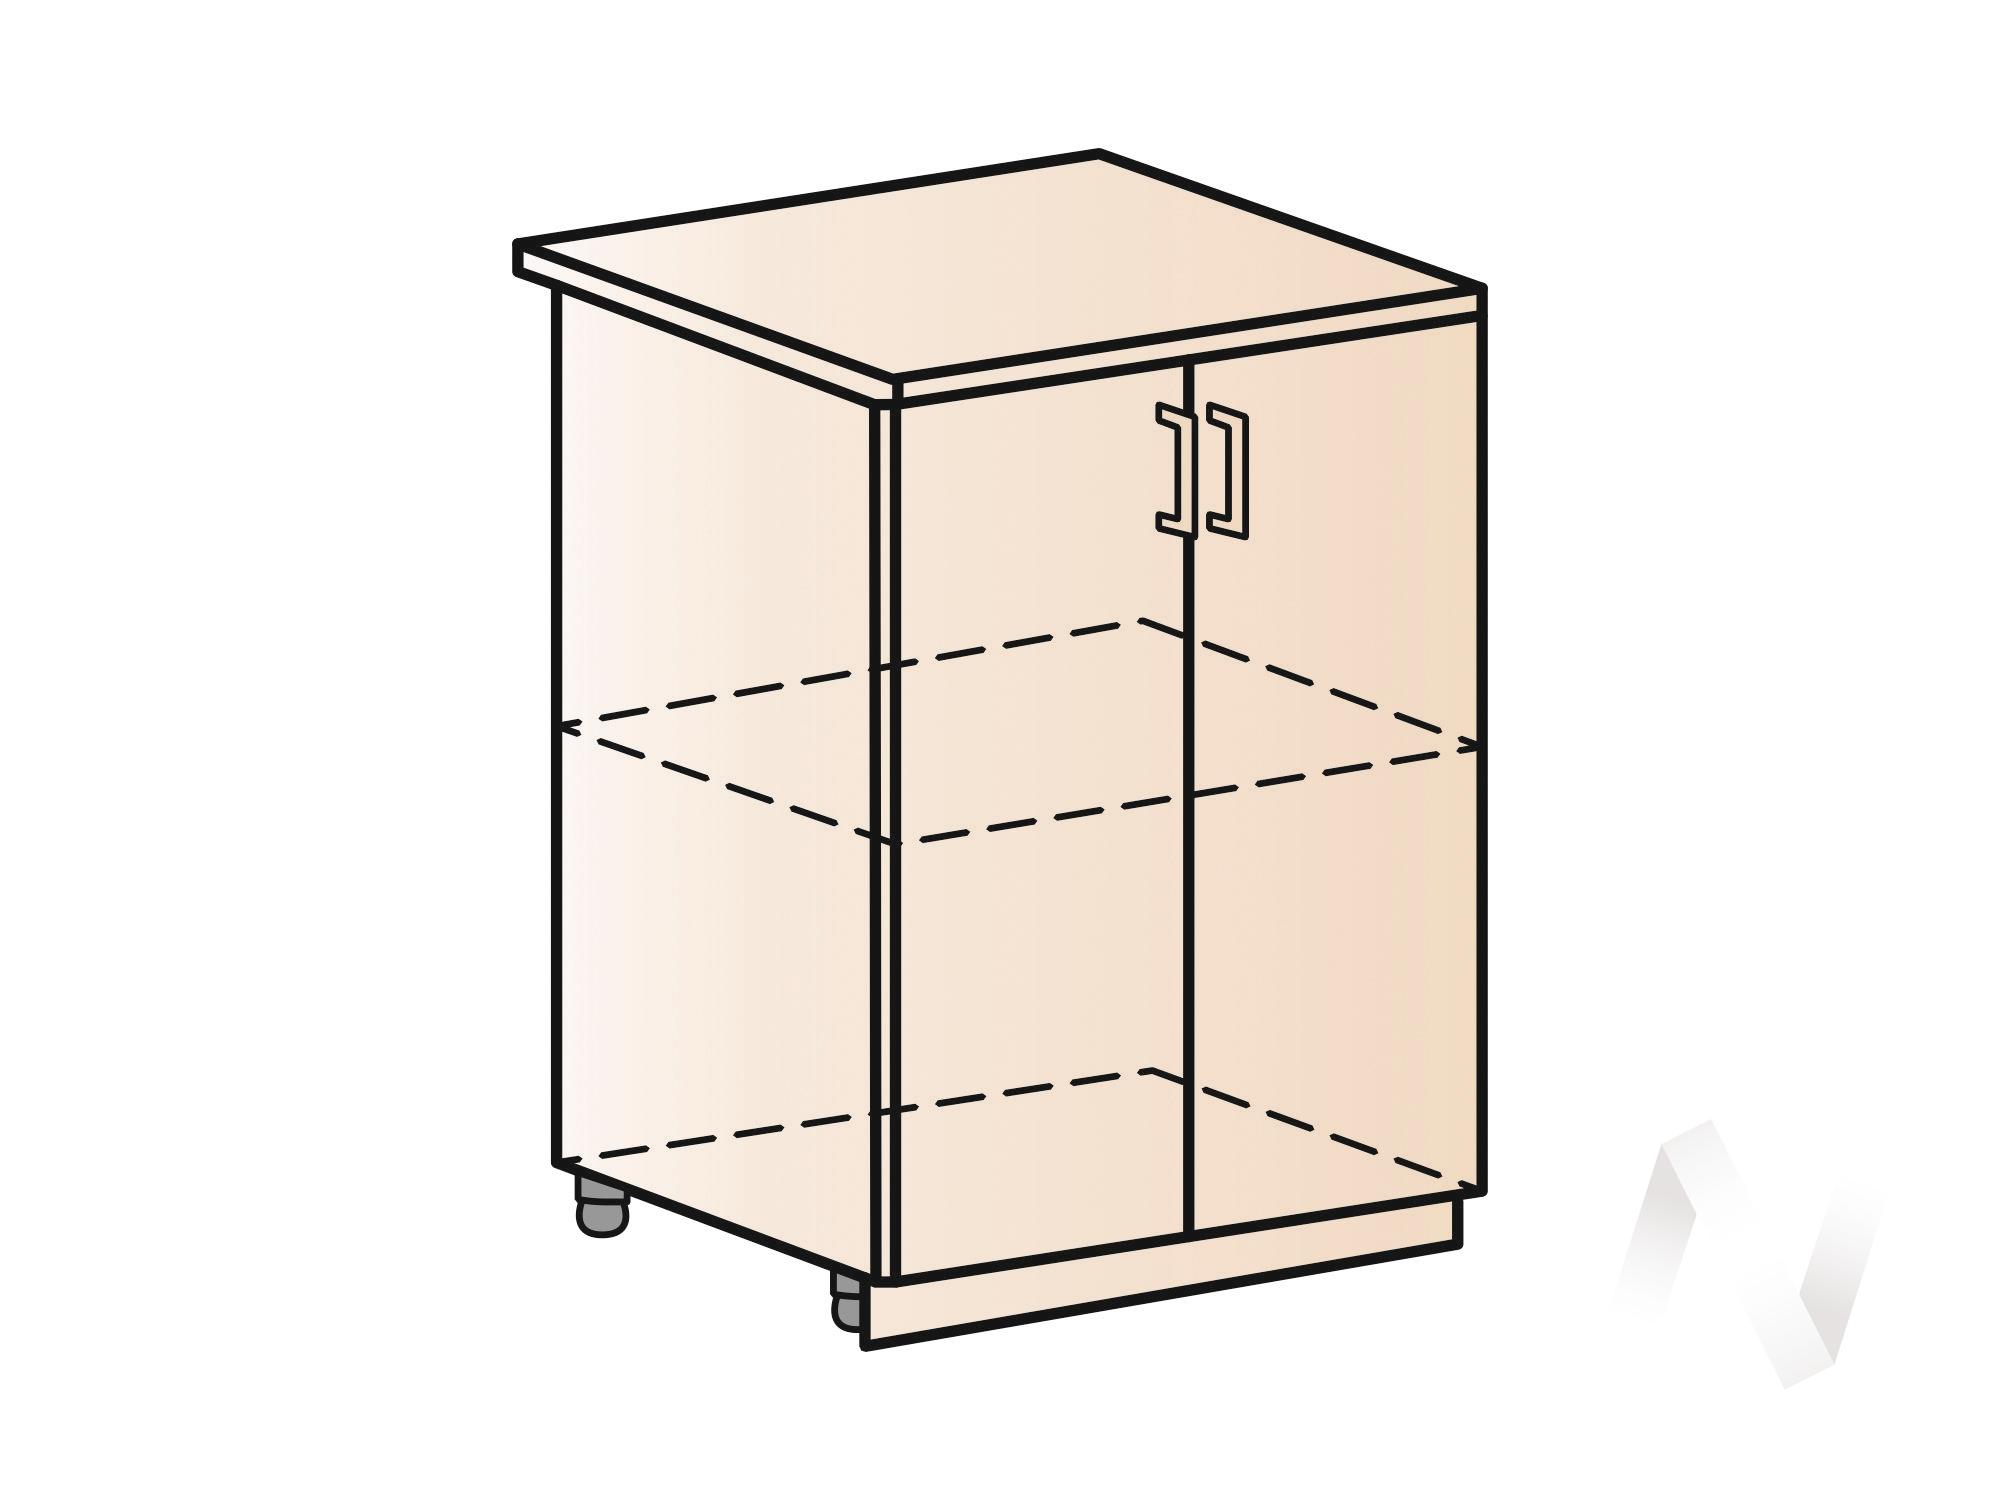 """Кухня """"Люкс"""": Шкаф нижний 600, ШН 600 (Шоколад матовый/корпус венге) в Новосибирске в интернет-магазине мебели kuhnya54.ru"""